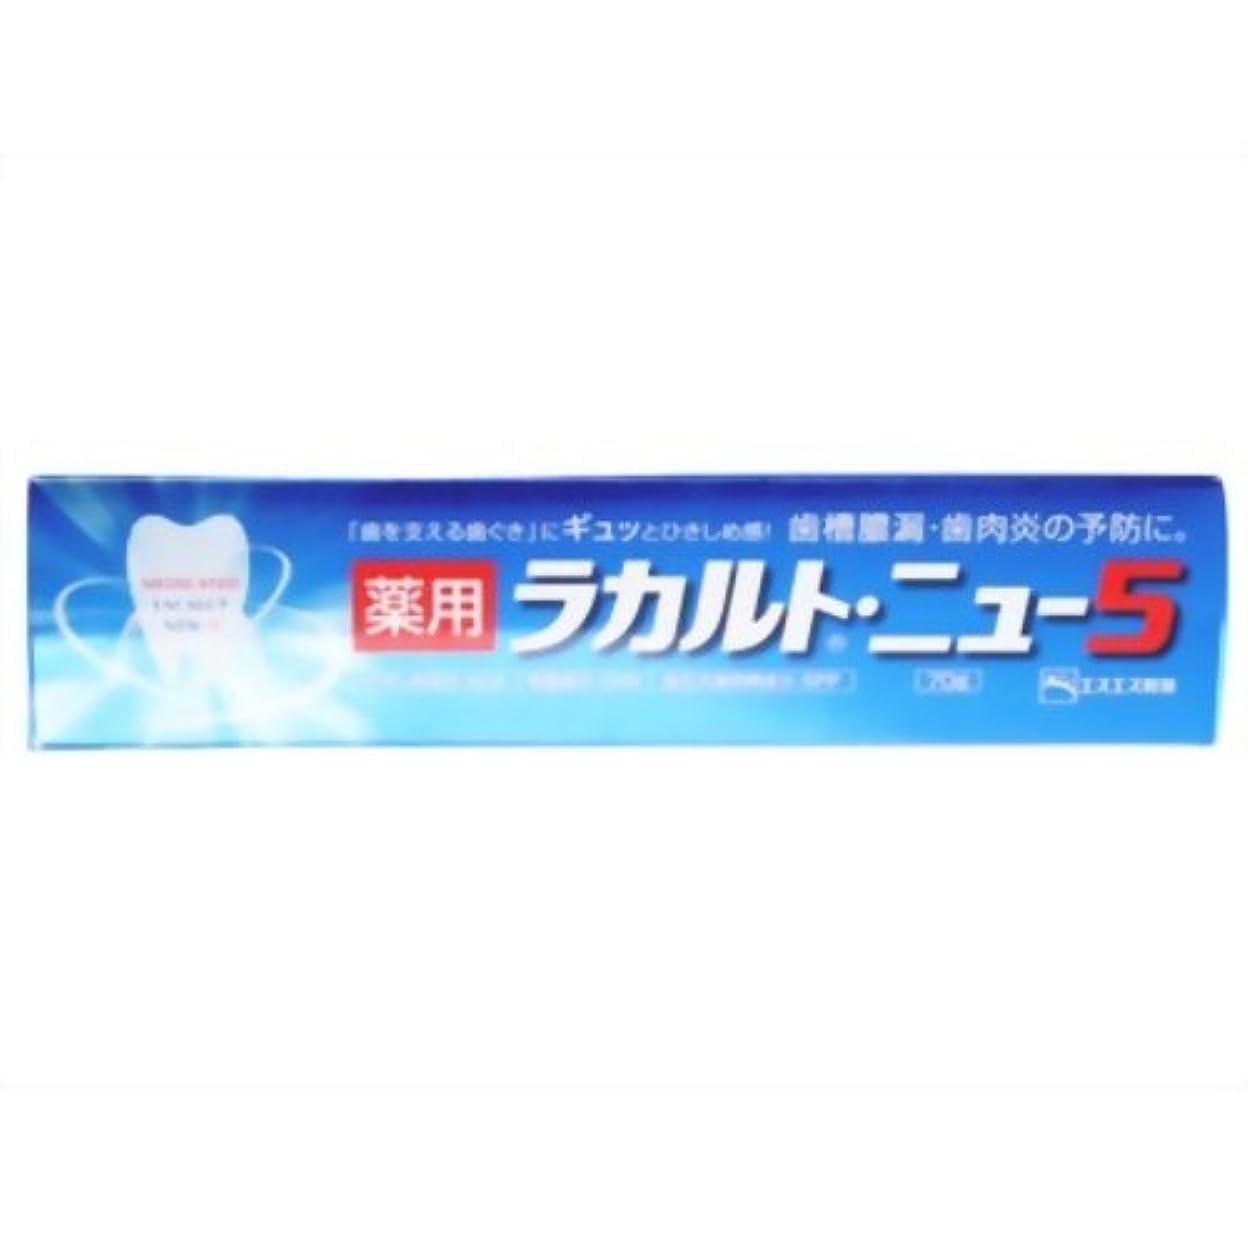 団結恥全部【エスエス製薬】薬用ラカルト?ニュー5 70g ×5個セット